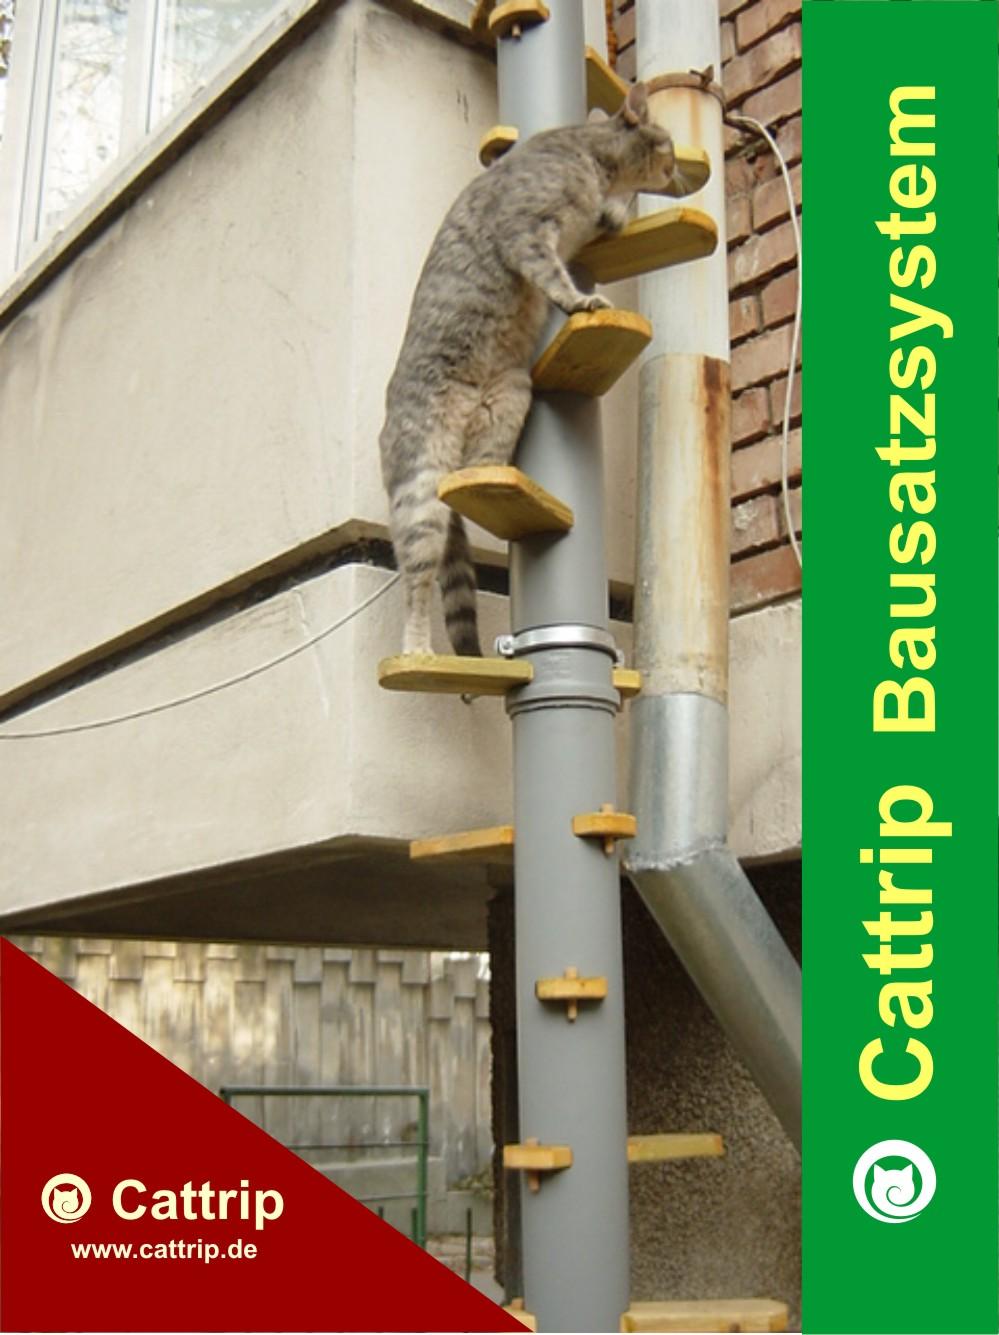 katzenleiter balkontreppe katzentreppe cattrip  marburg